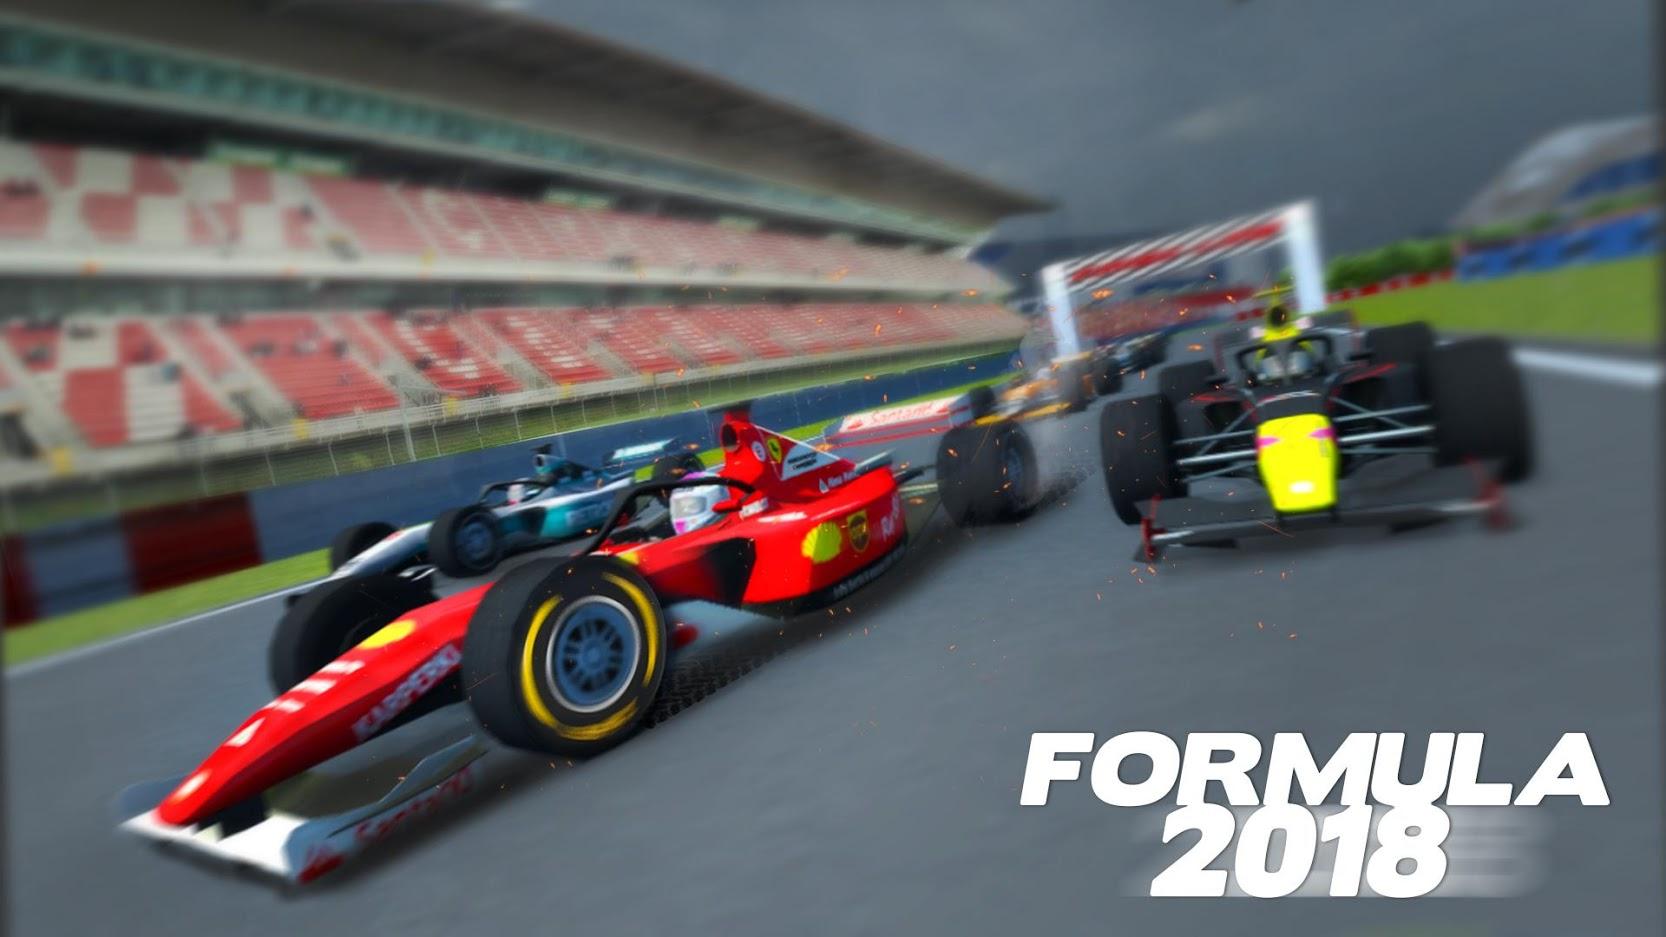 Fórmula 1 Juegos de carreras para Android